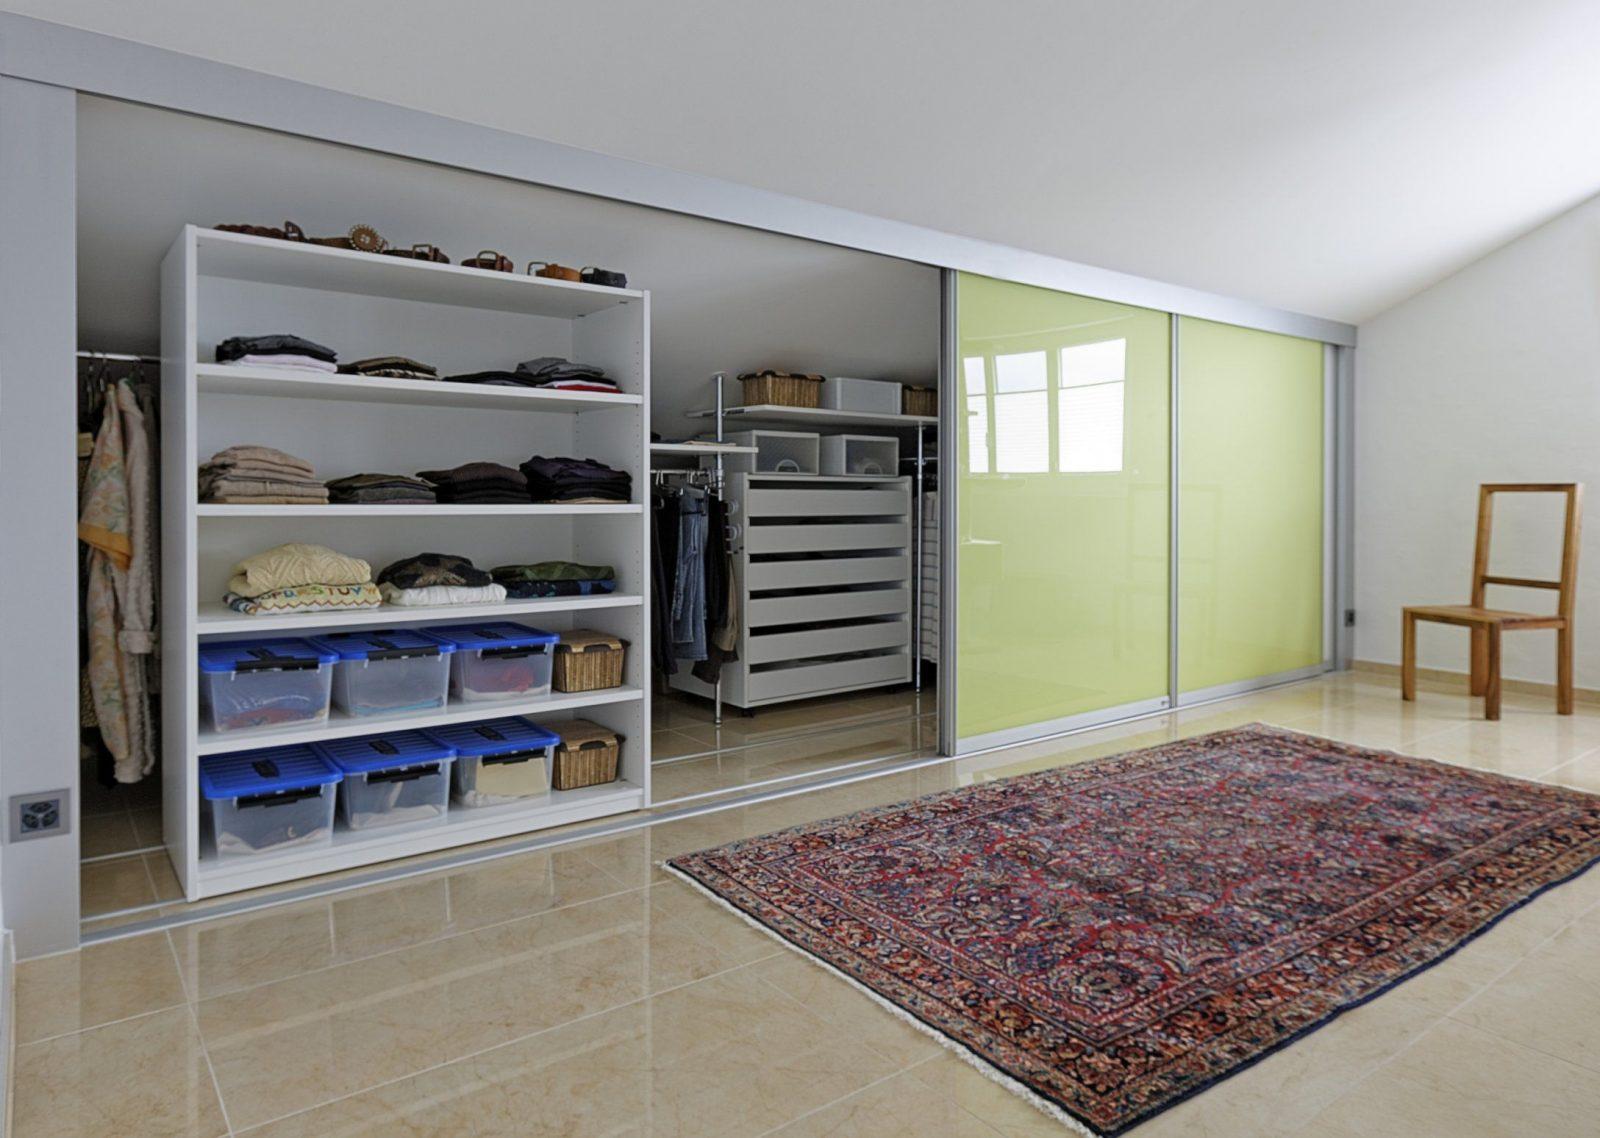 Erfreut Kleiderschränke Für Dachschräge Galerie  Wohnzimmer von Ideen Begehbarer Kleiderschrank Dachschräge Photo